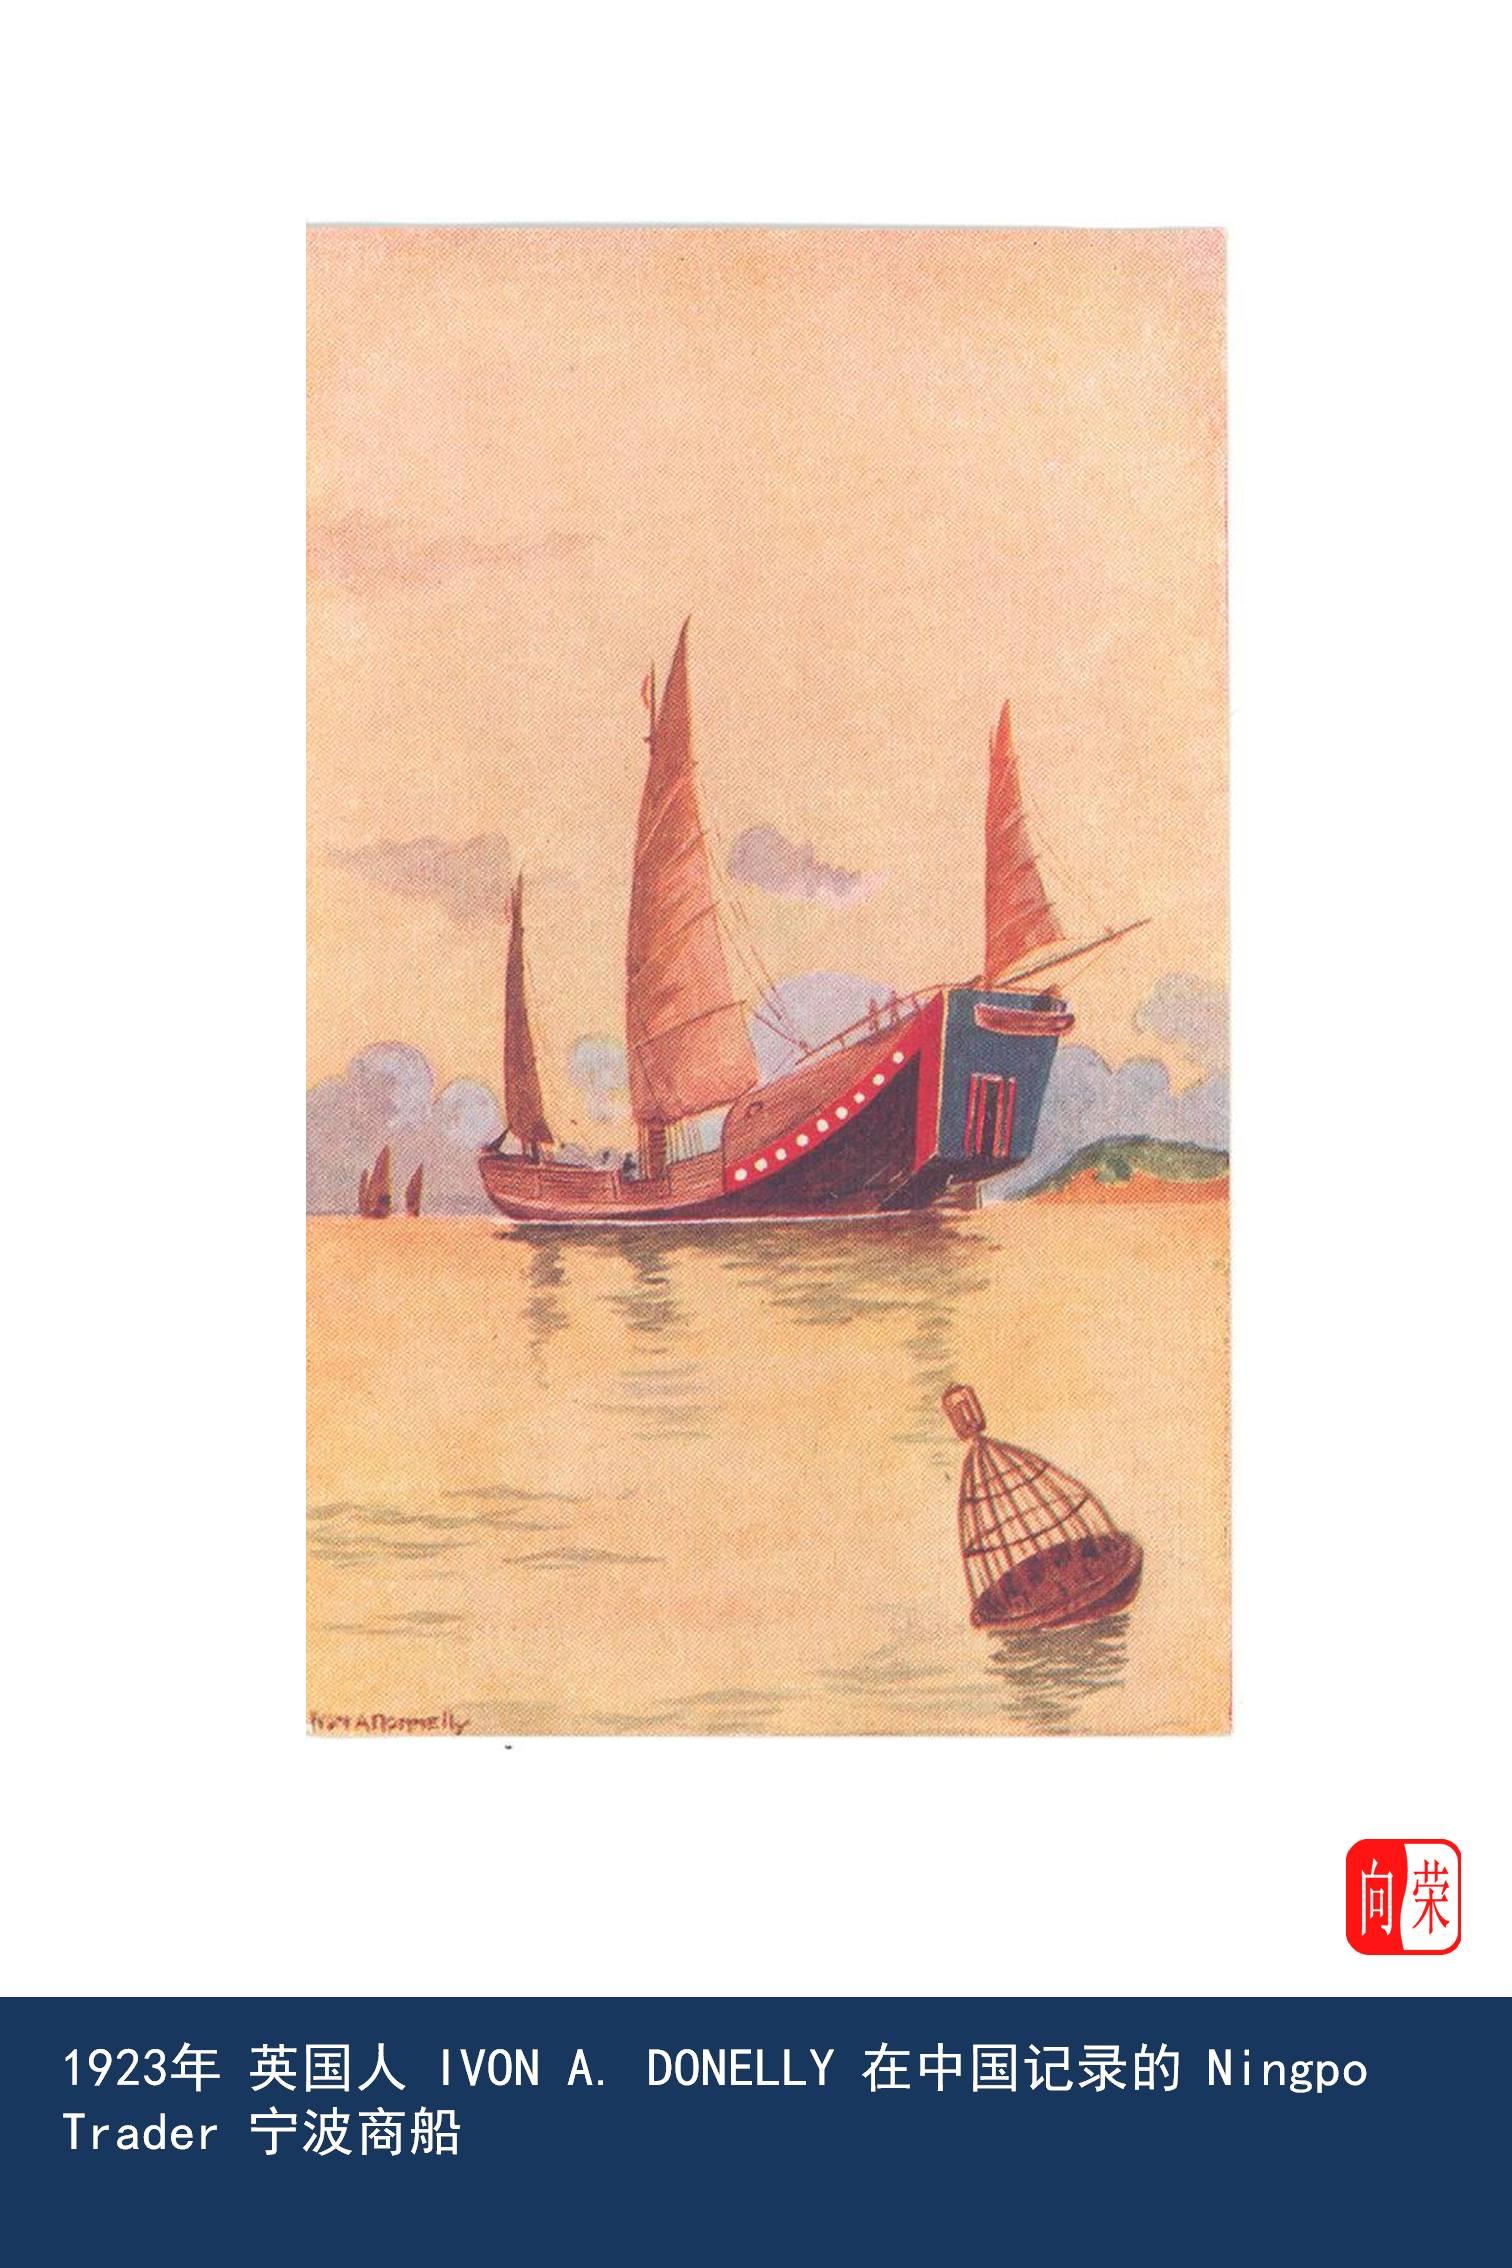 中华文化,旅行社,香港大学,南海诸岛,帆船运动 《中式帆船古为今用》展览,让老邝带你看中式帆船! Slide10.JPG